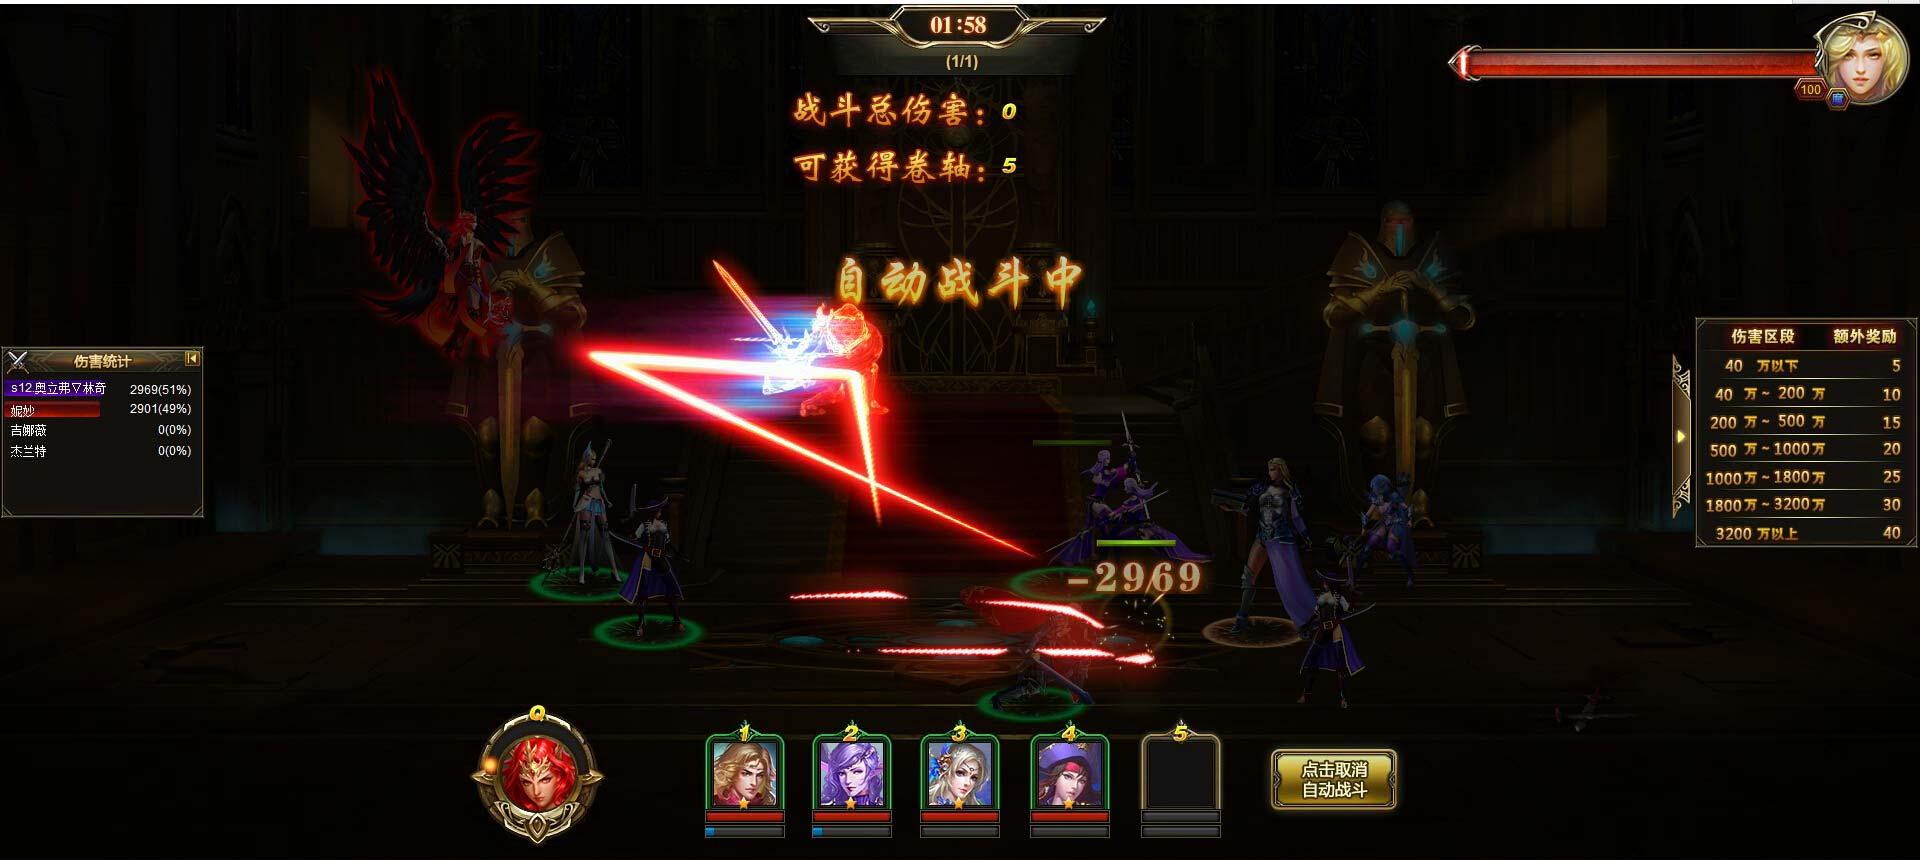 巨龙战纪游戏截图1